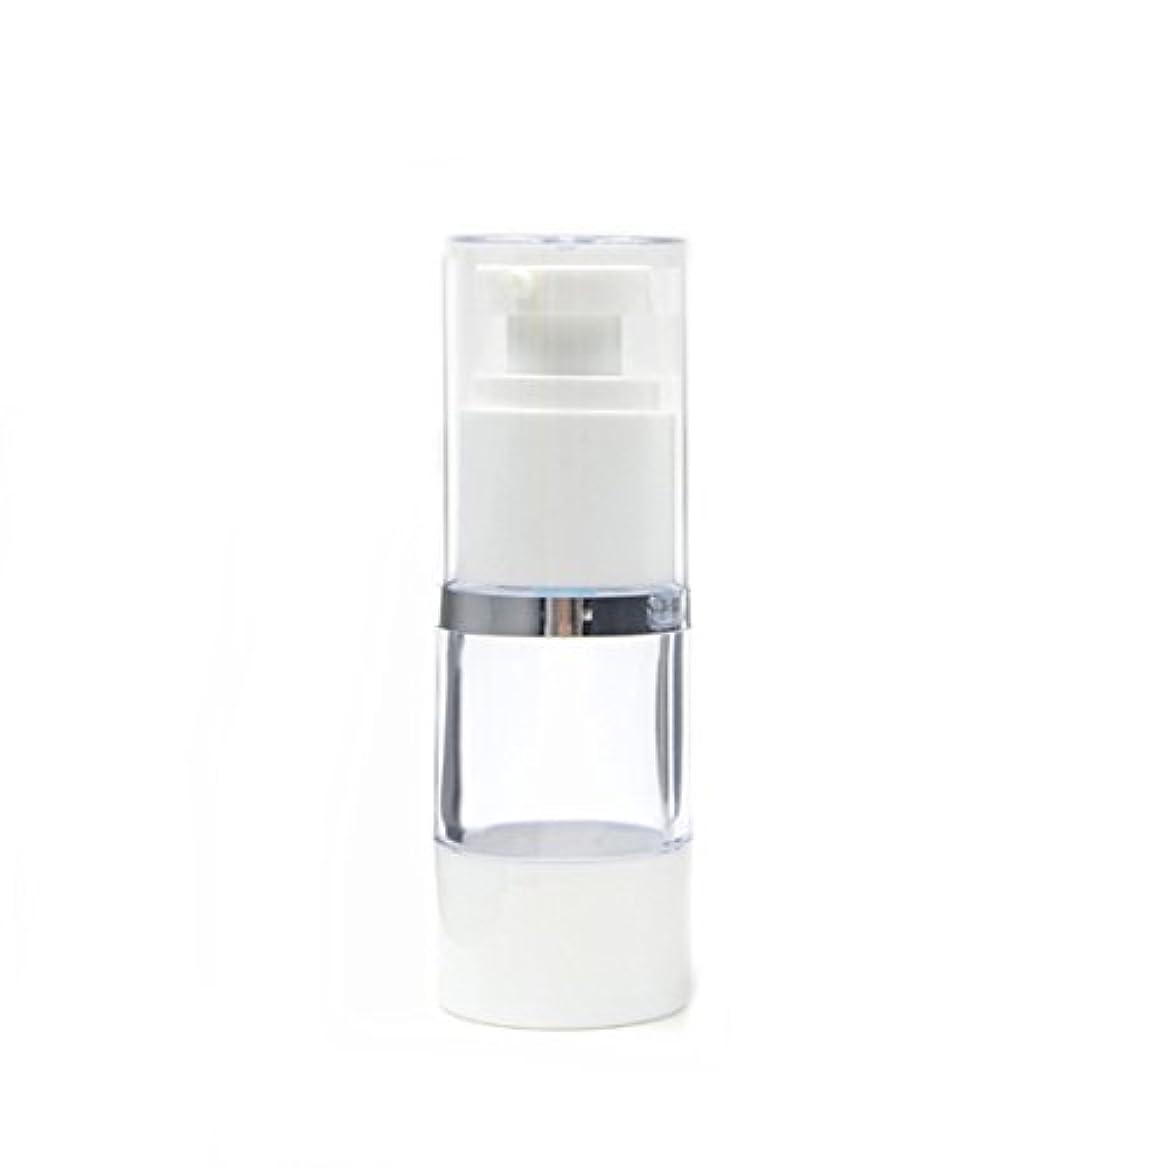 使用法城違うAngelakerry エアレス 容器 プラスチック製 15ml シルバーエッジ  手作りコスメ 手作り化粧品 10本セット [並行輸入品]